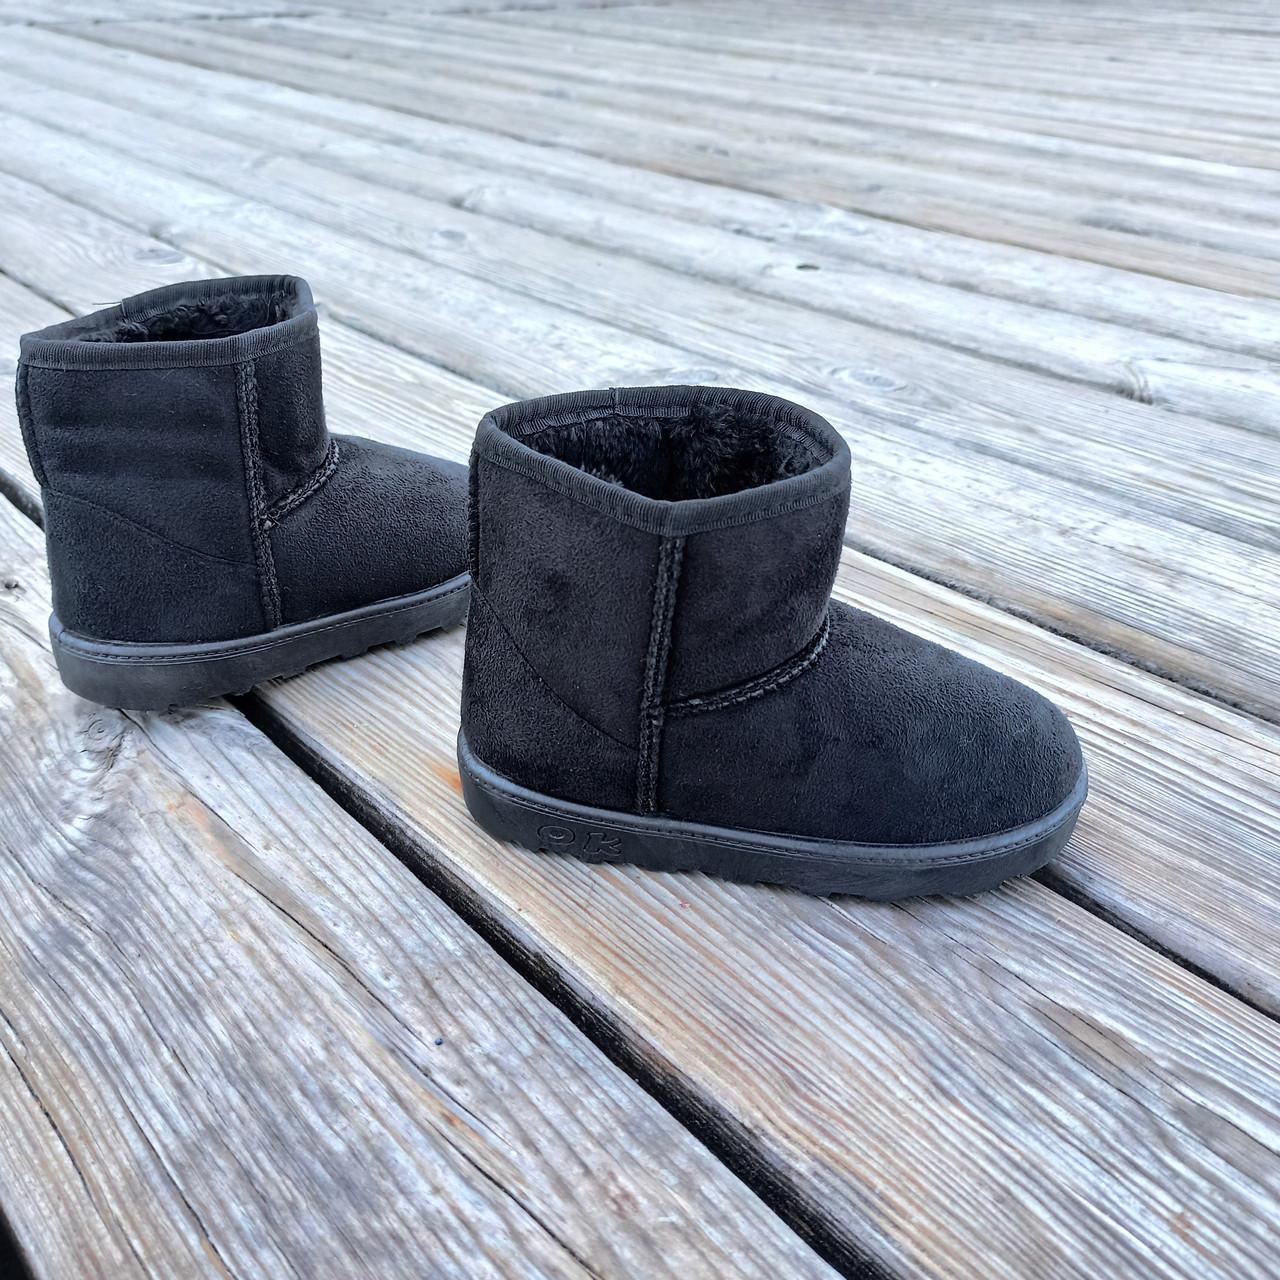 Уггі UGG дитячі теплі черевички уггі дитячі чобітки чорні еко замшеві